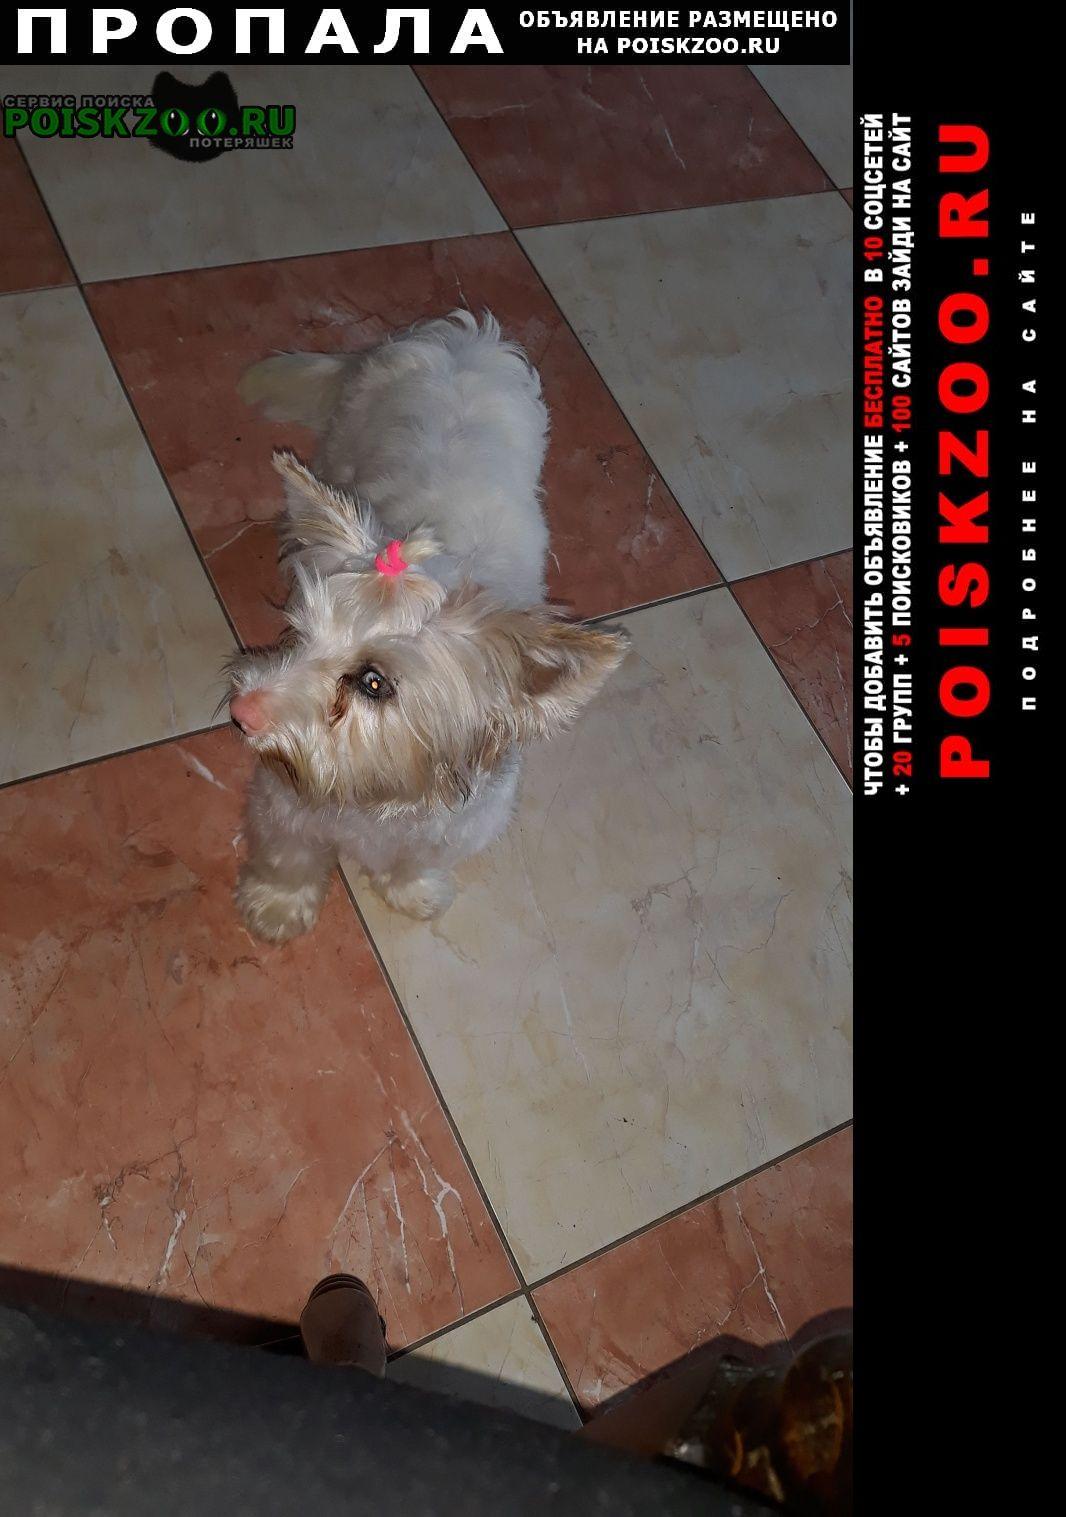 Пропала собака прошу вернуть за вознаграждения Ростов-на-Дону